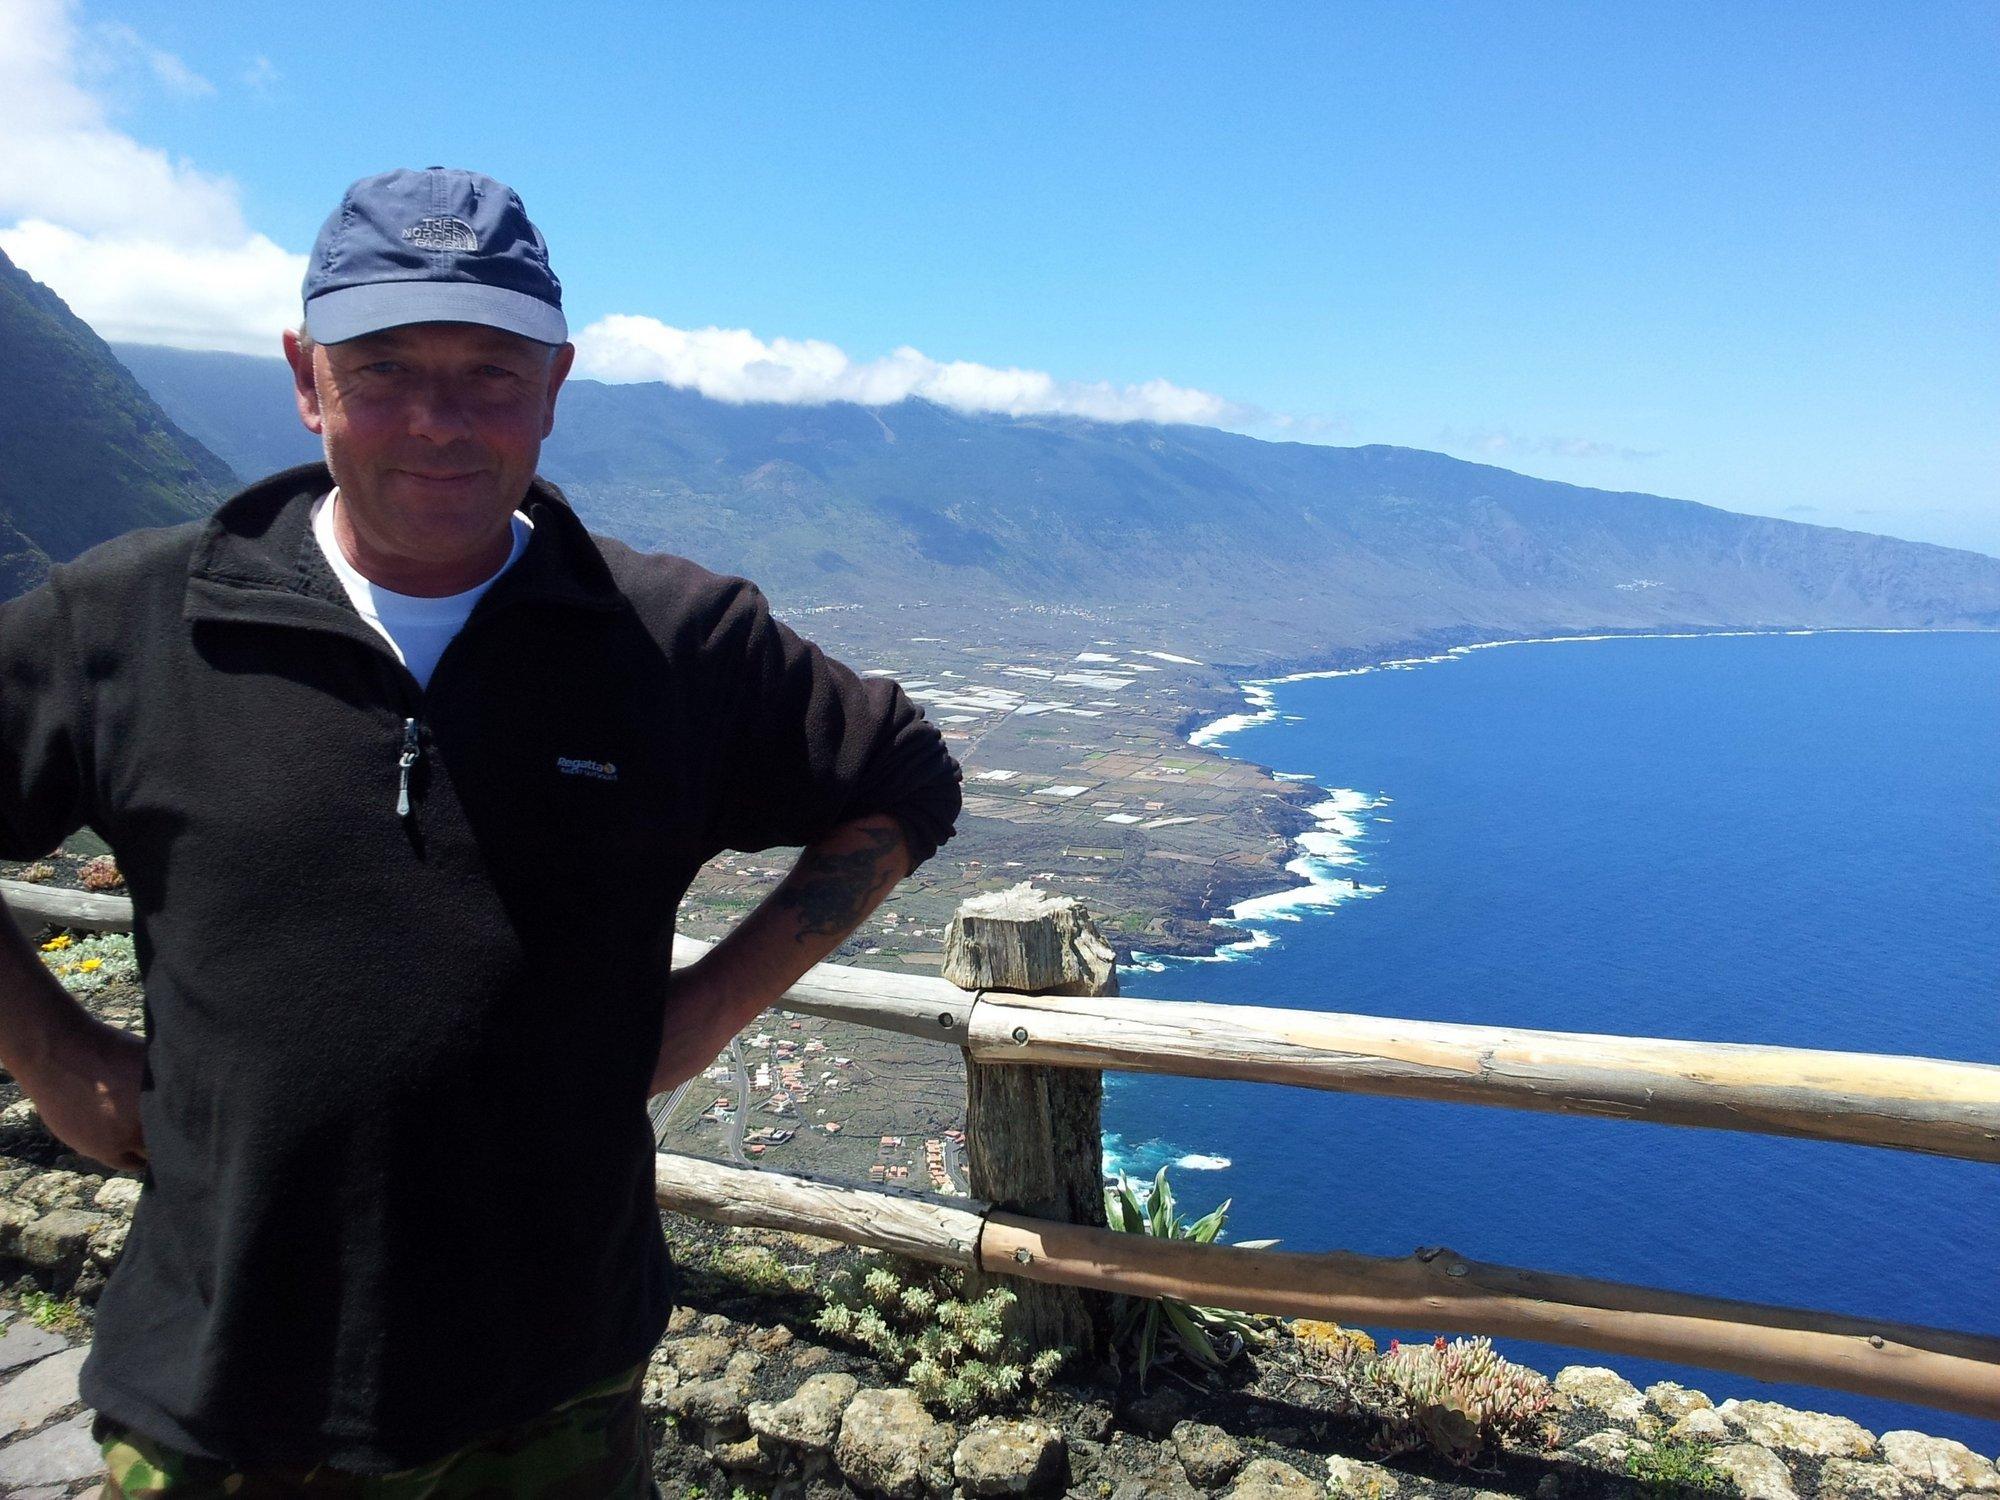 Un ciudadano británico recorre a pie las siete islas canarias a beneficio de dos ONG